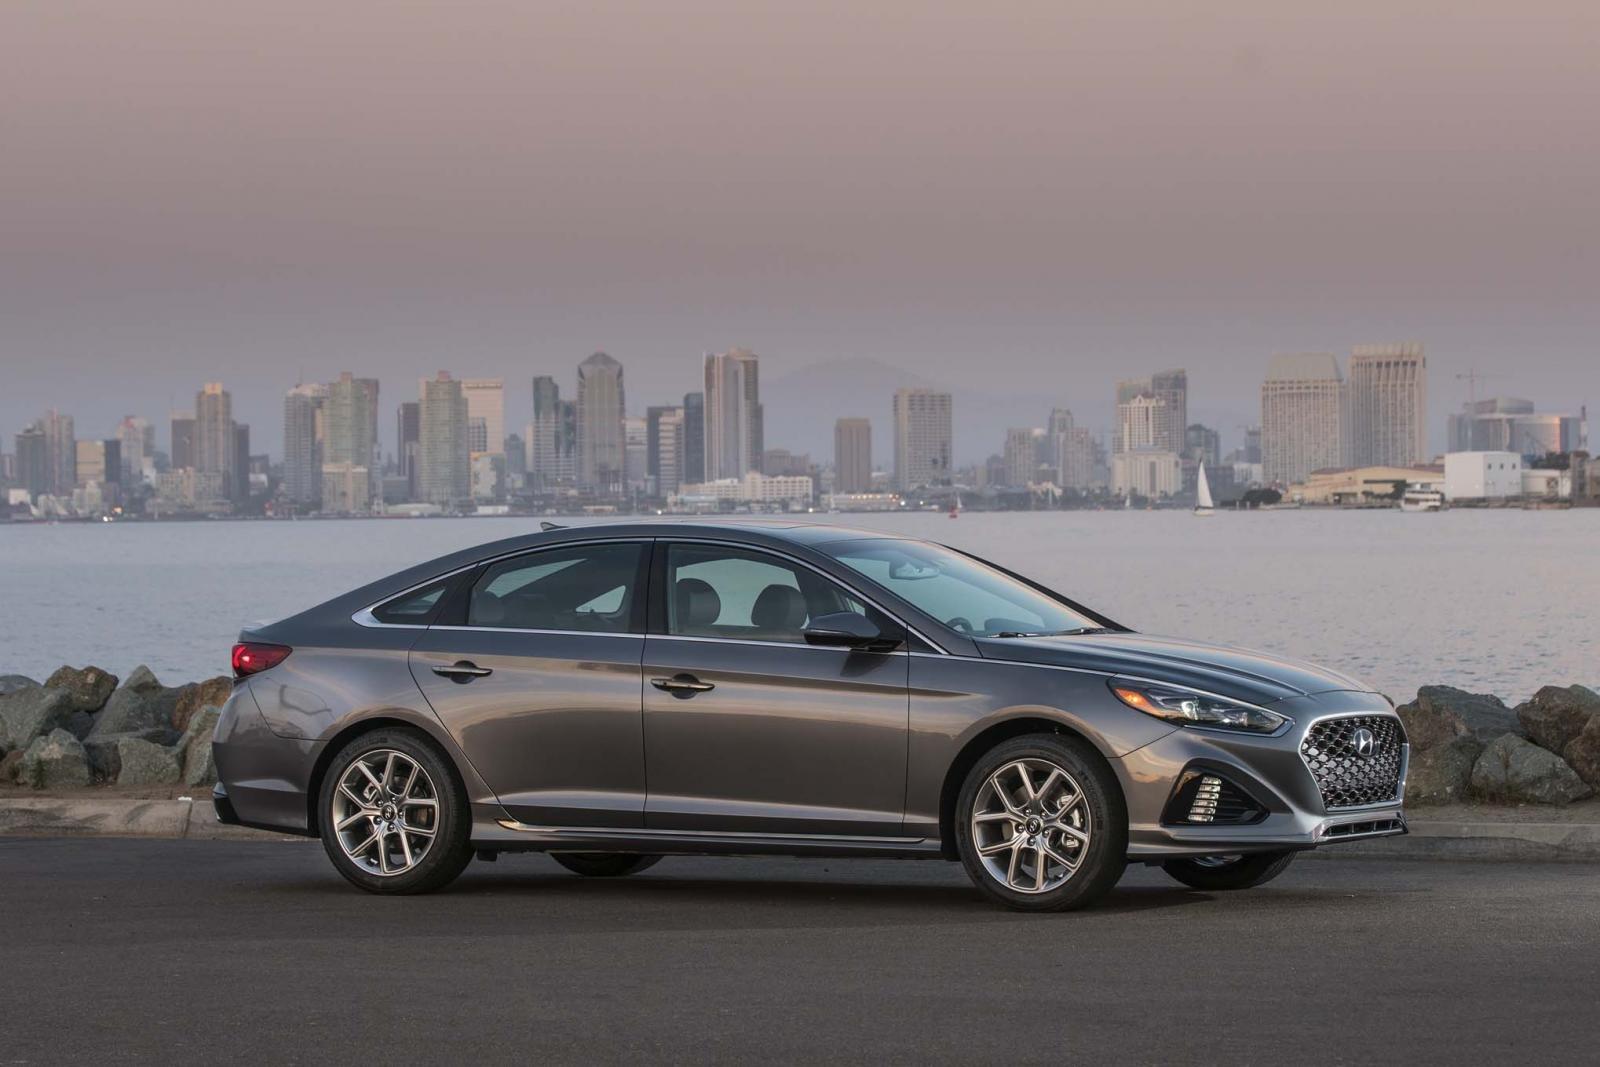 Ngoại thất xe Hyundai Sonata 2018